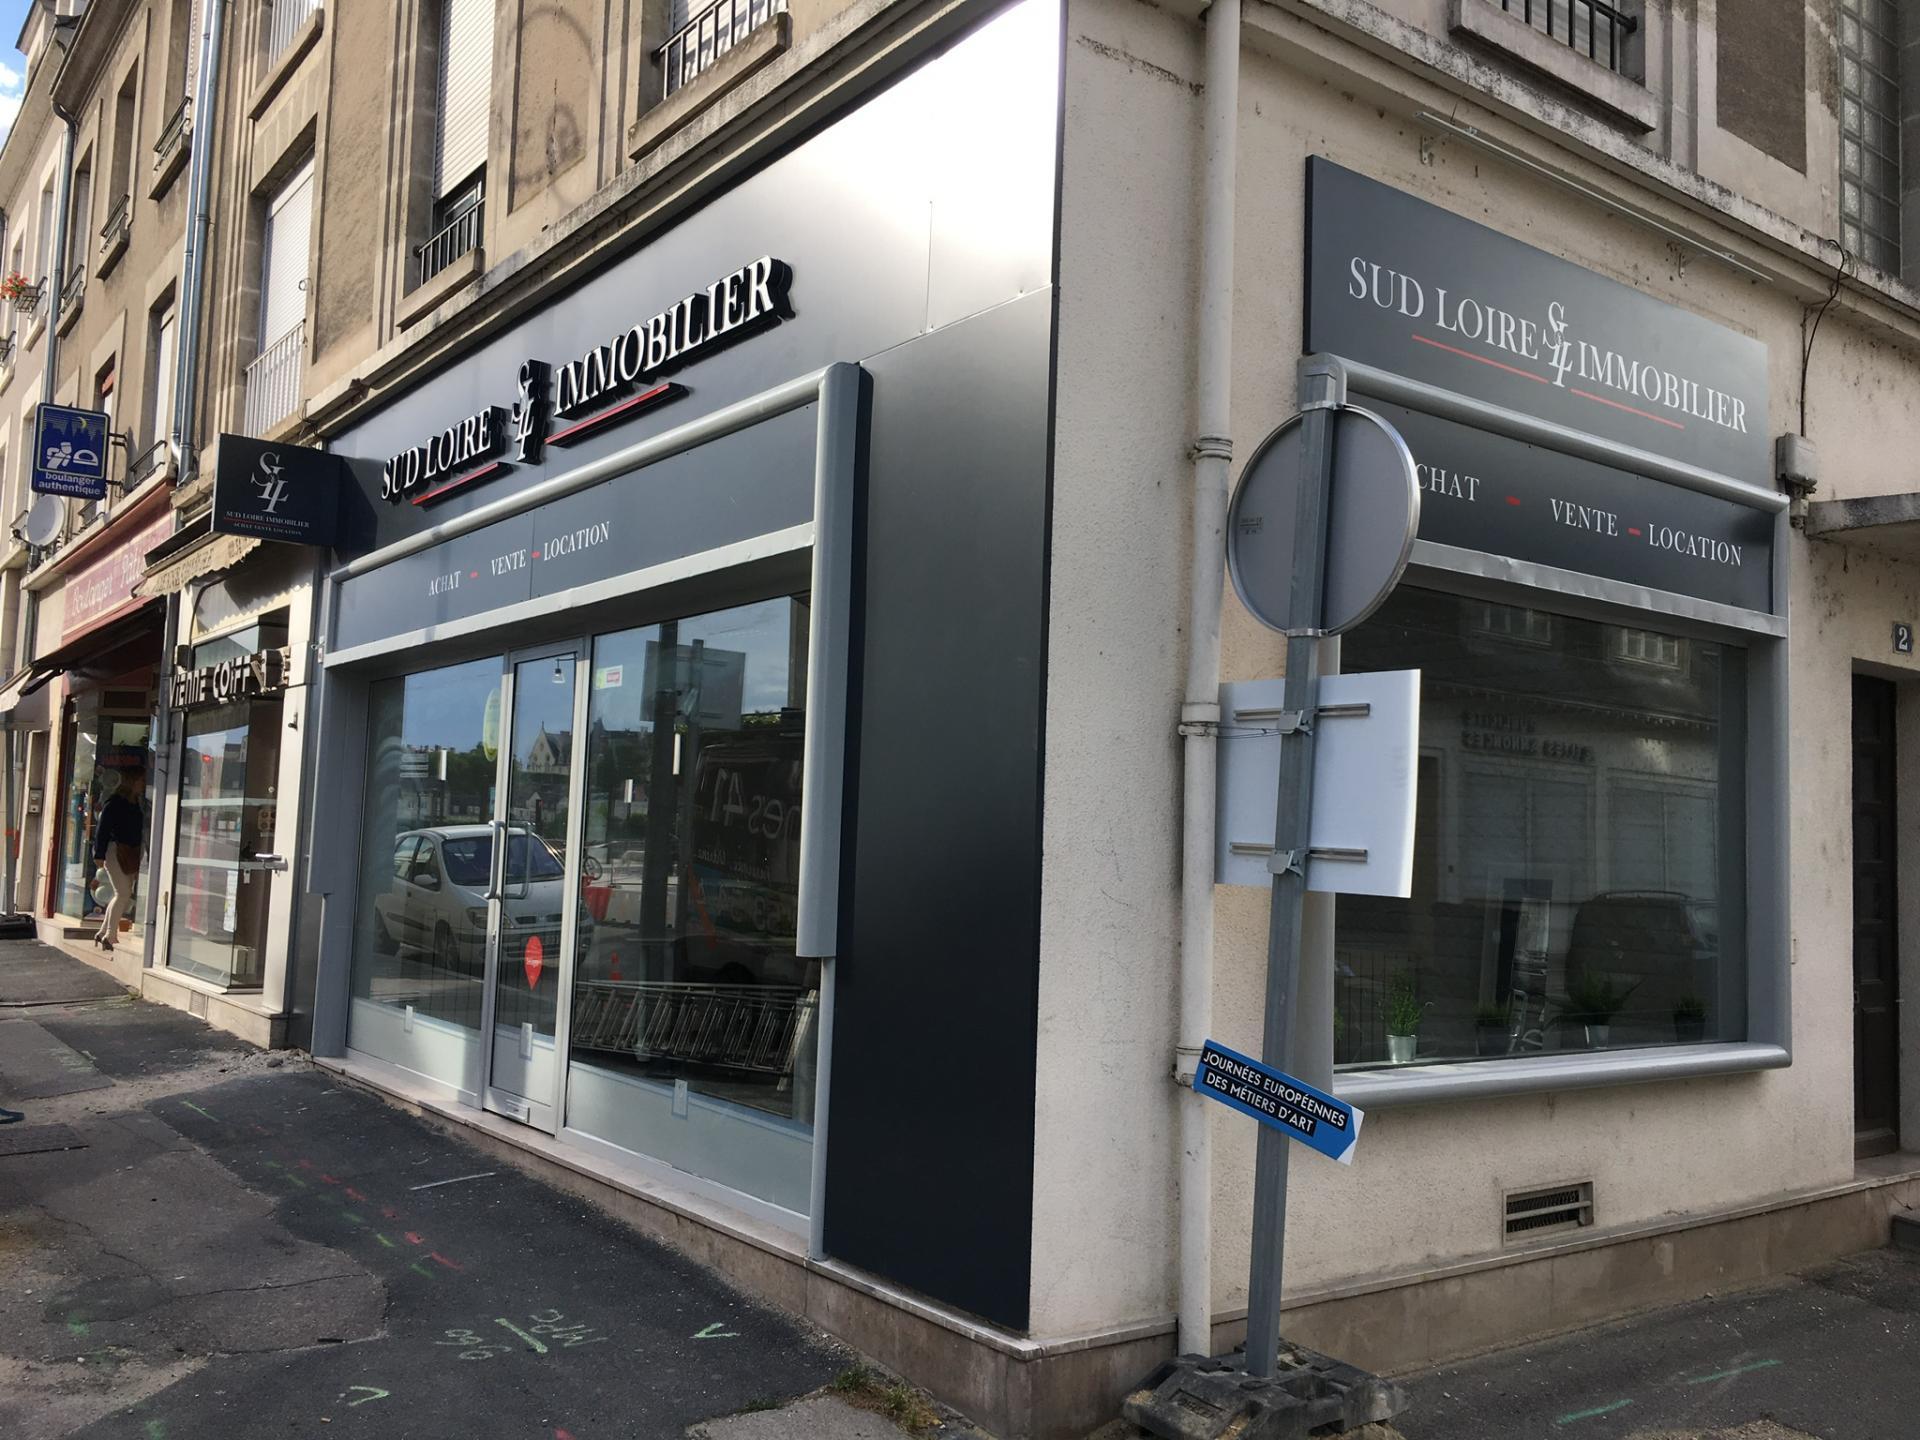 Blois  Vienne  lettres en relief lumineuses